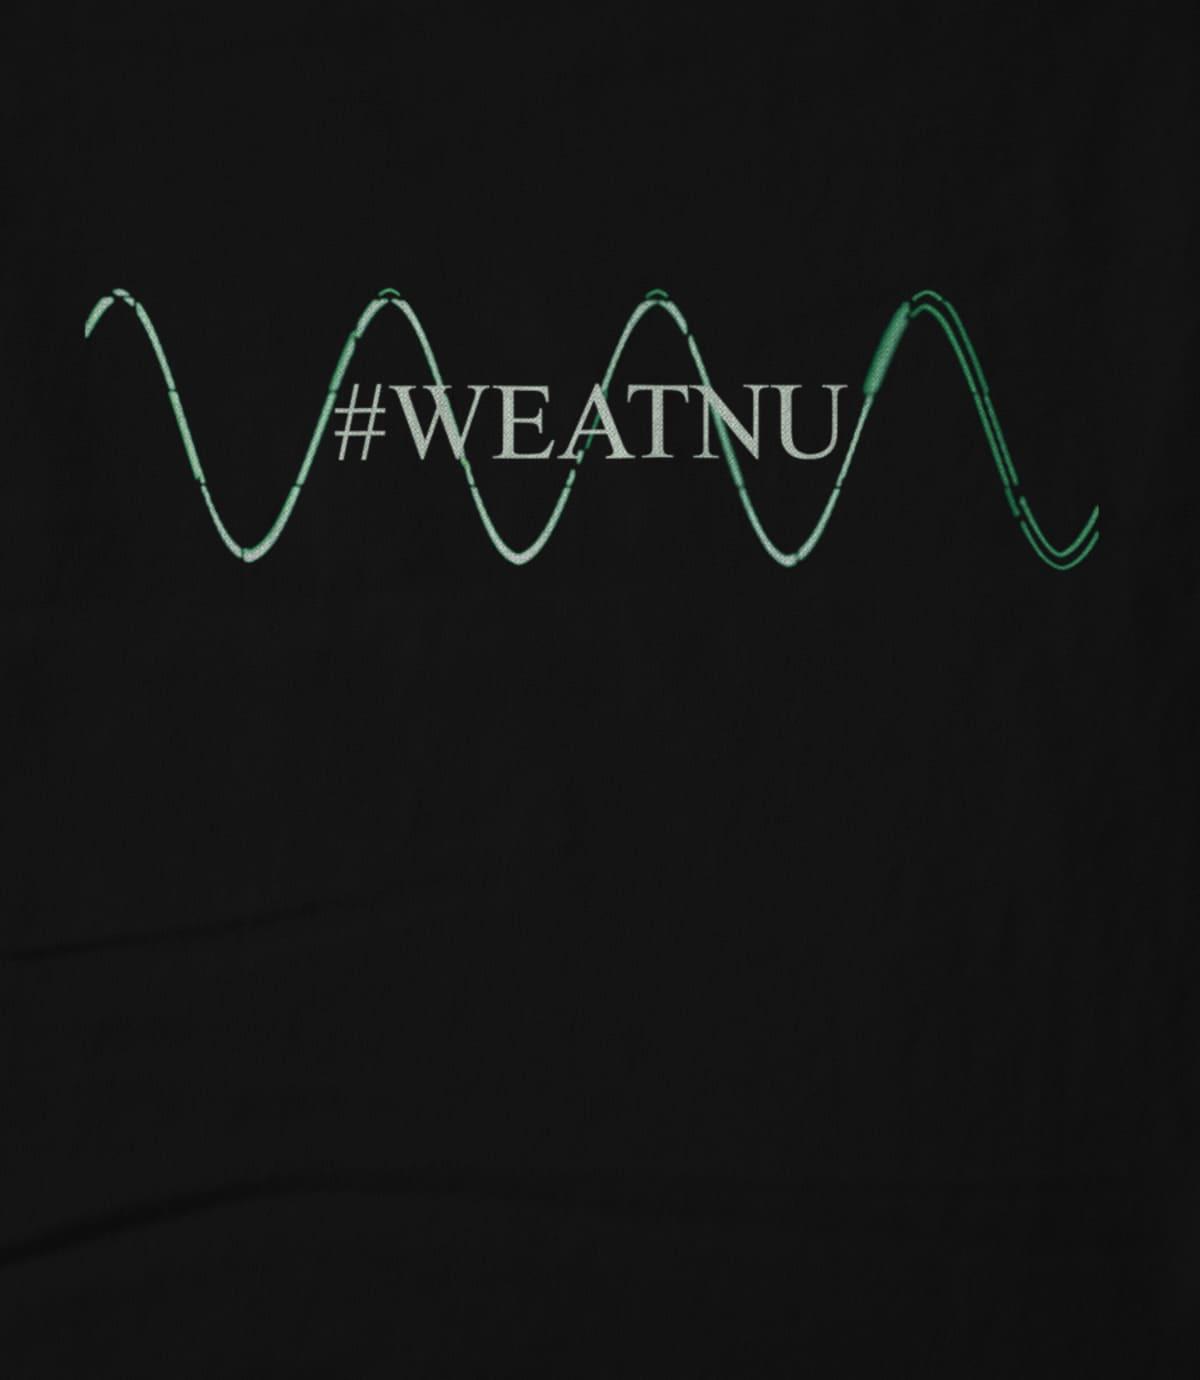 WEATNU